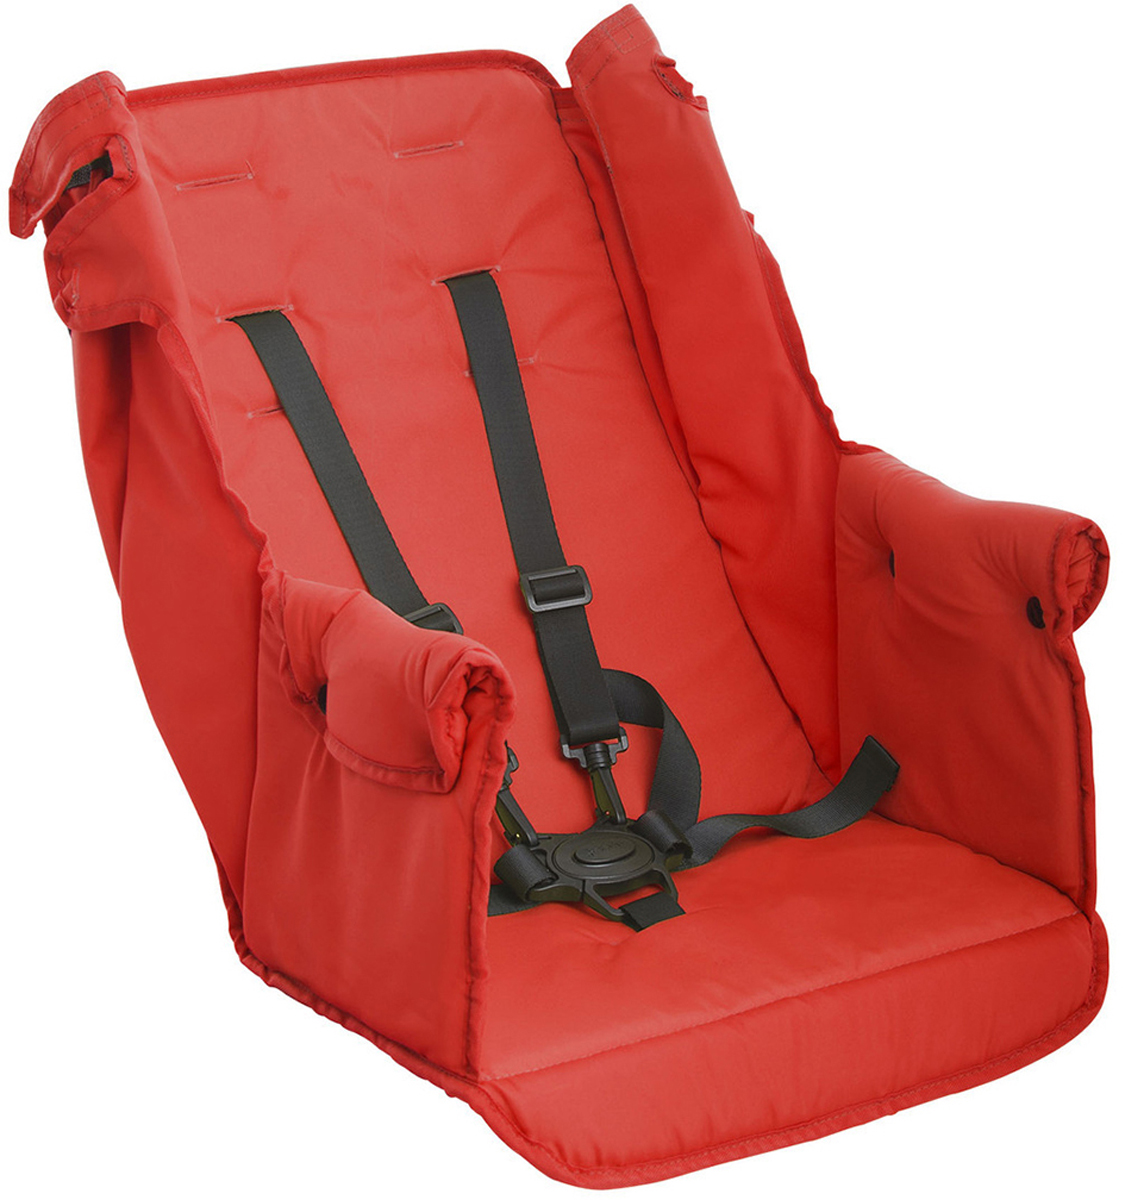 коляски для двойни и погодок Аксессуар для колясок Joovy Дополнительное сиденье Too Seat для коляски Caboose цвет: красный